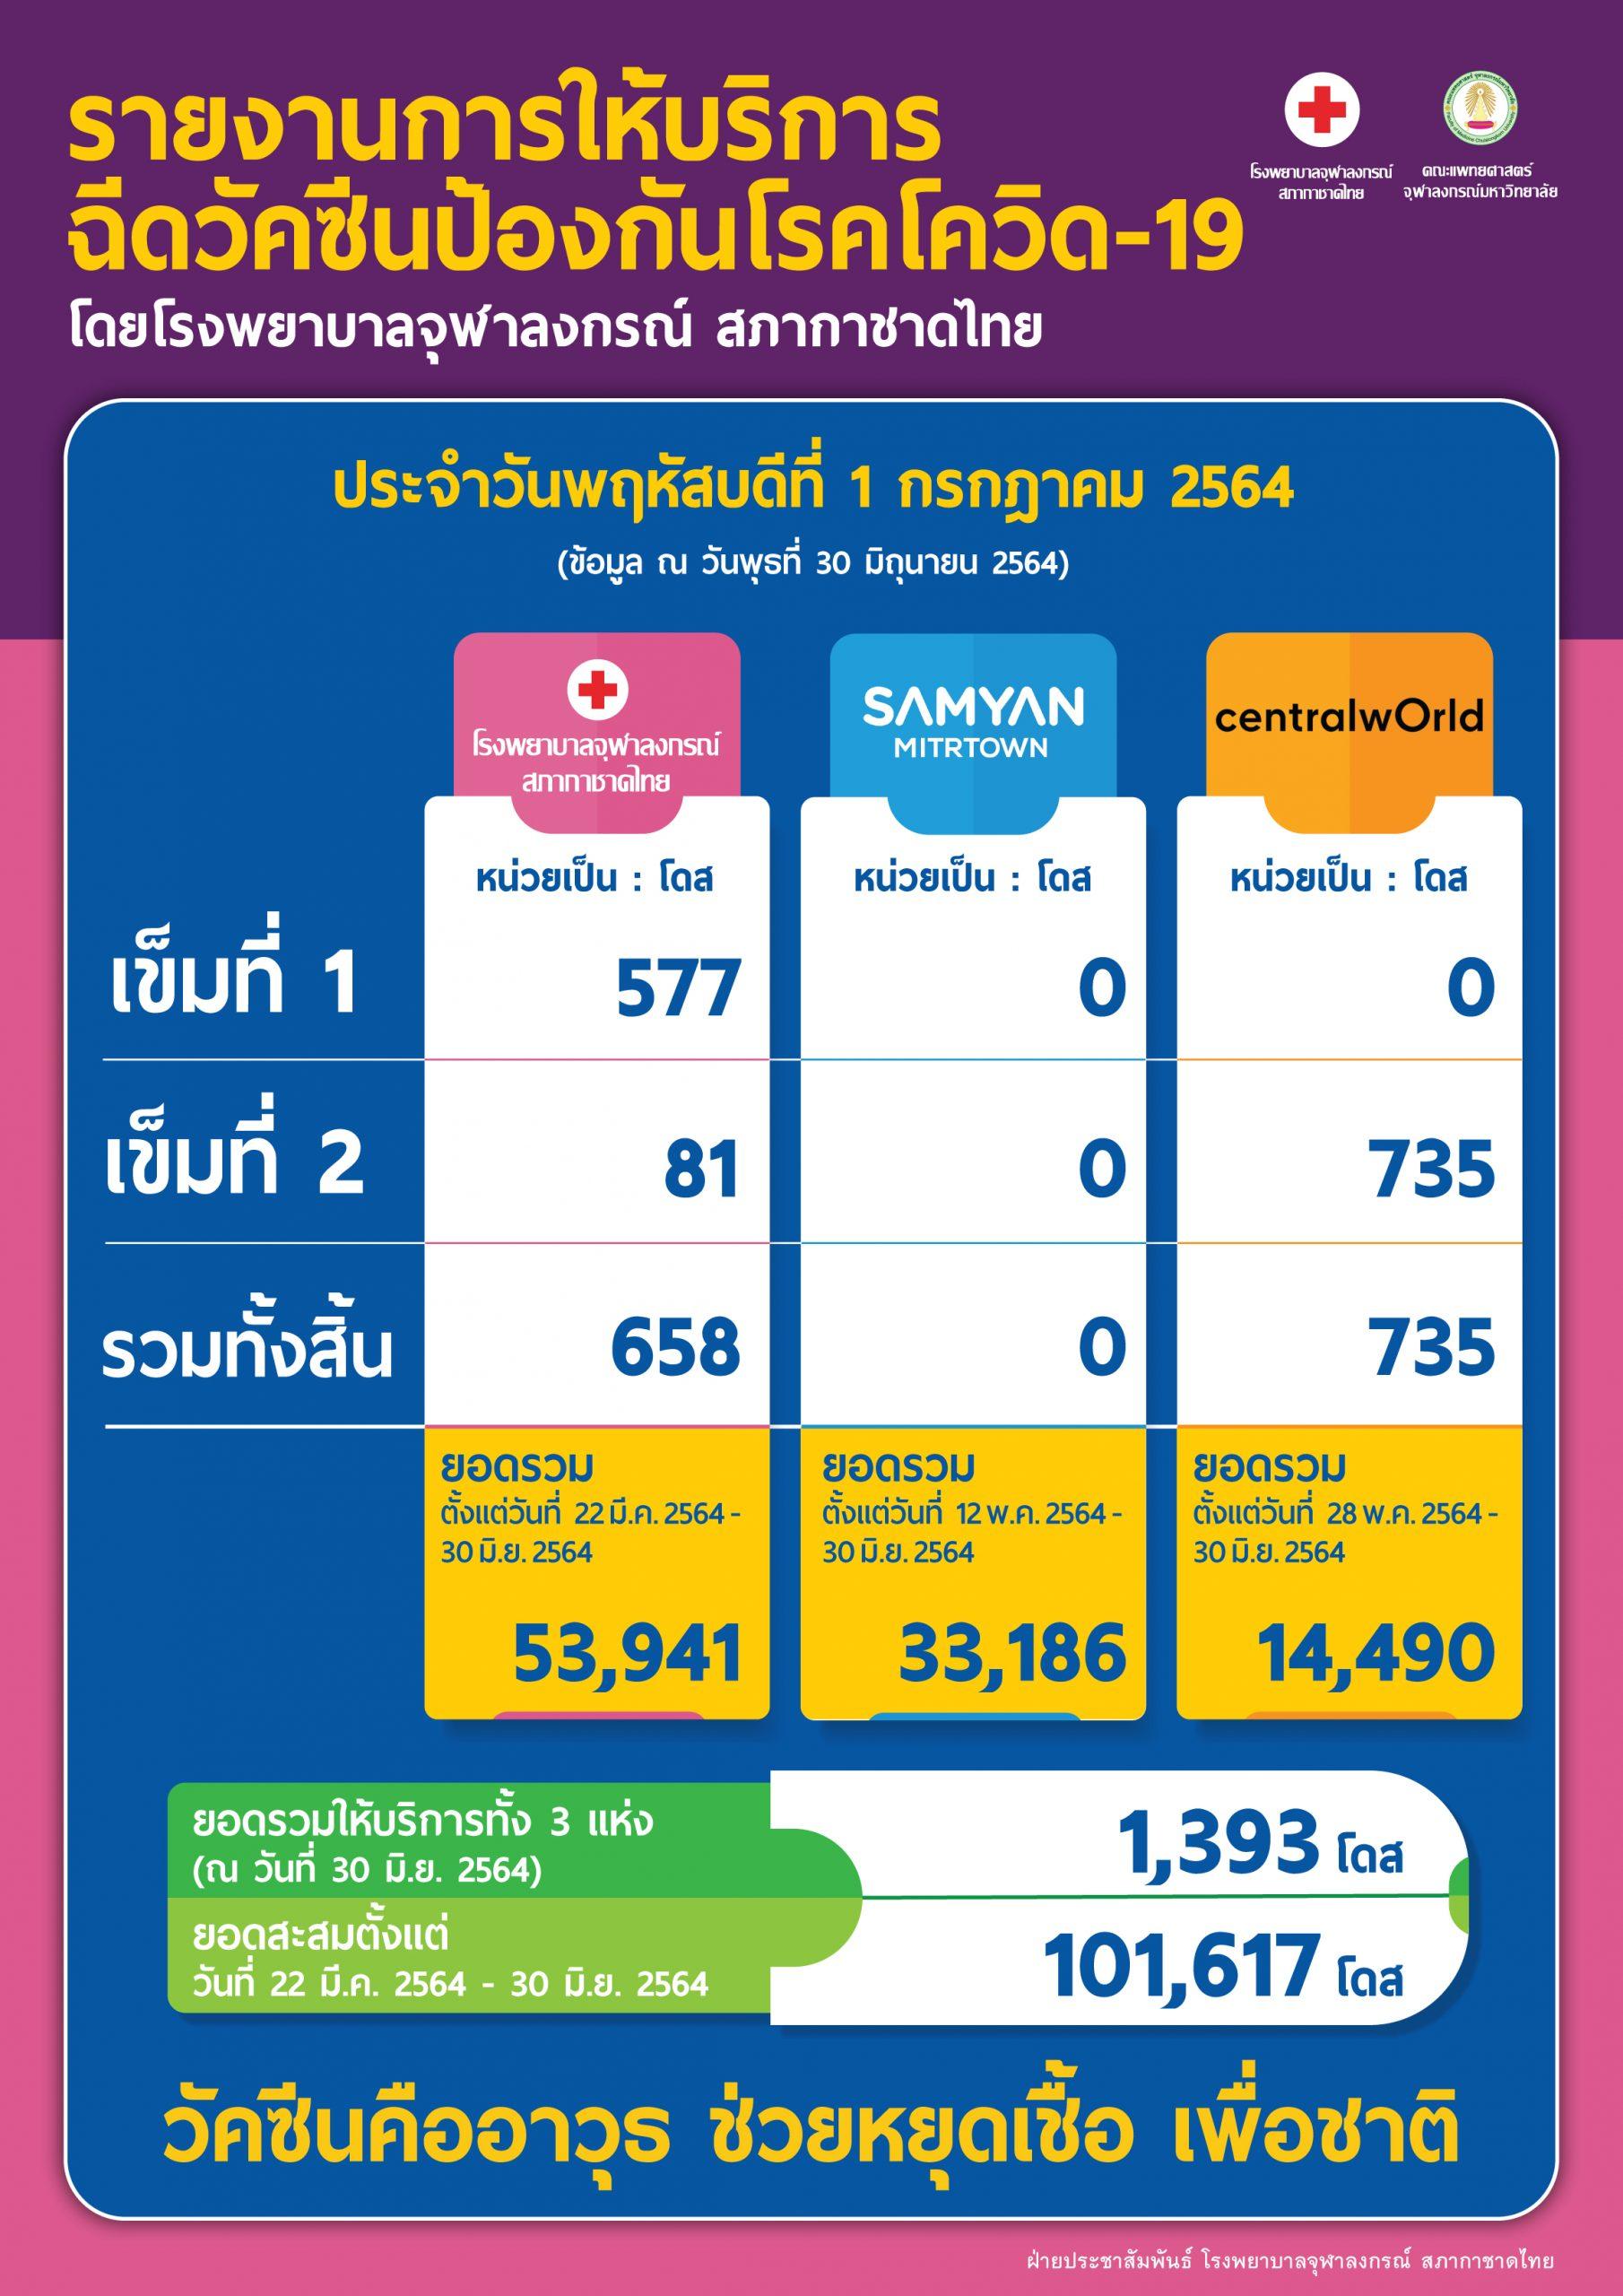 รายงานการให้บริการ ฉีดวัคซีนป้องกันโรคโควิด-19 โดยโรงพยาบาลจุฬาลงกรณ์ สภากาชาดไทย ประจำวันพฤหัสบดีที่ 1 กรกฎาคม 2564